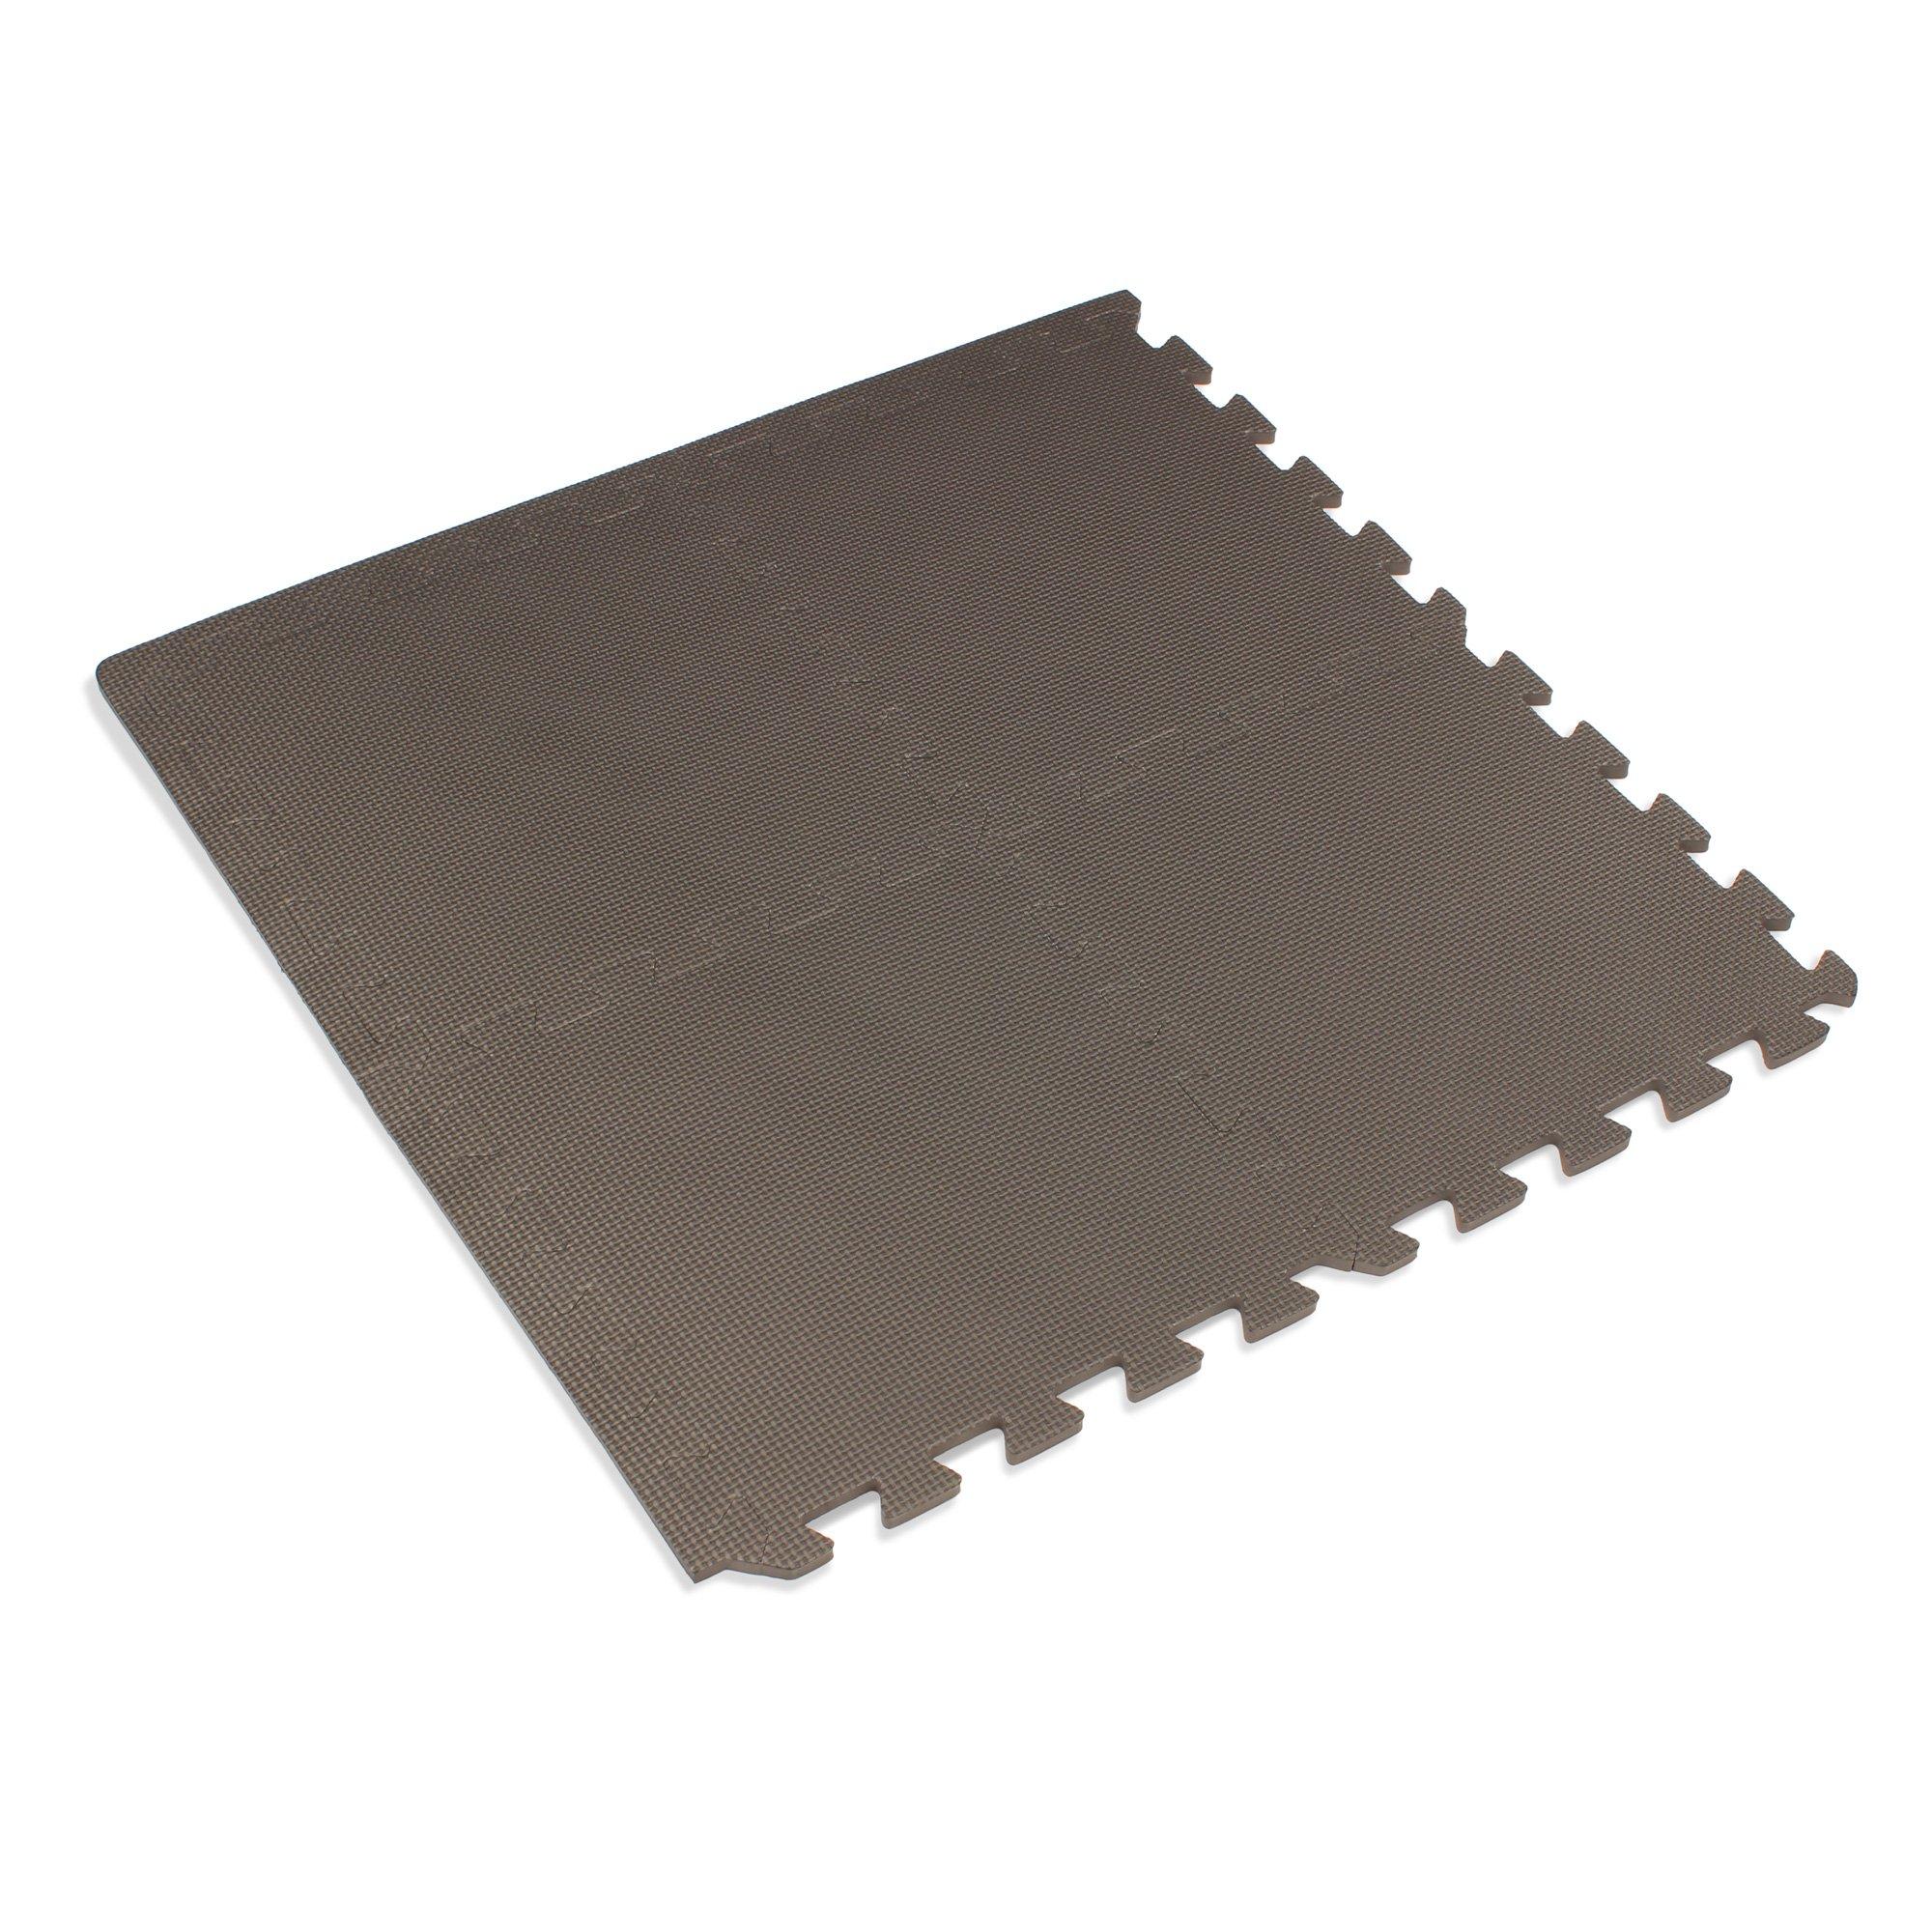 We Sell Mats 12'' x 12'' x 3/8 24 Sq Ft Charcoal Gray Interlocking Foam Mat